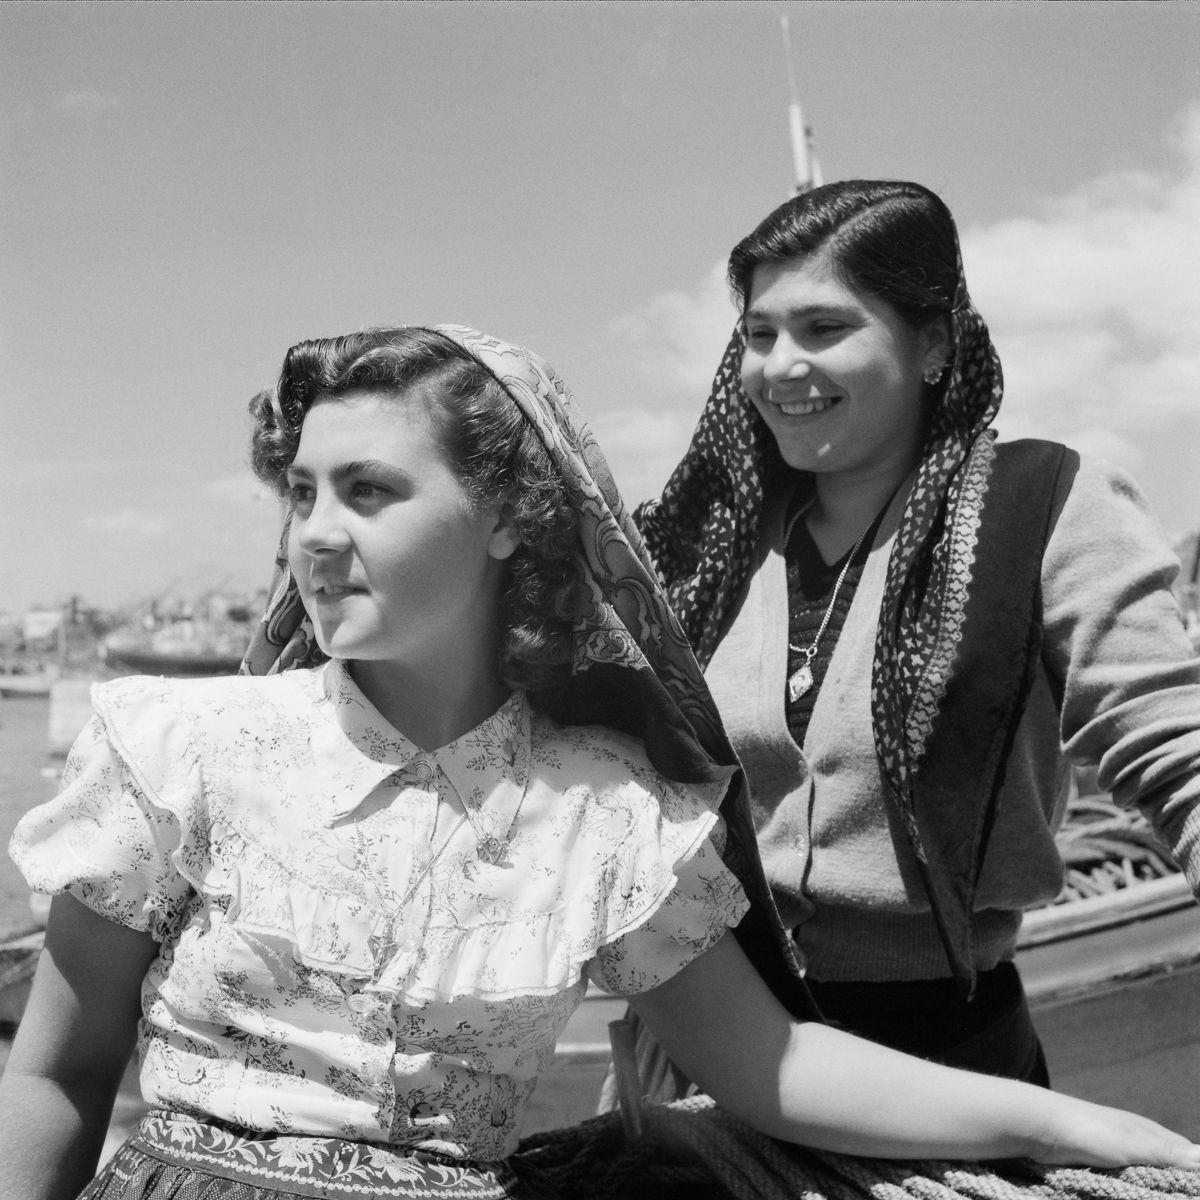 Fotografias deslumbrantes capturam a cultura da pesca dos anos 50 em Portugal 10